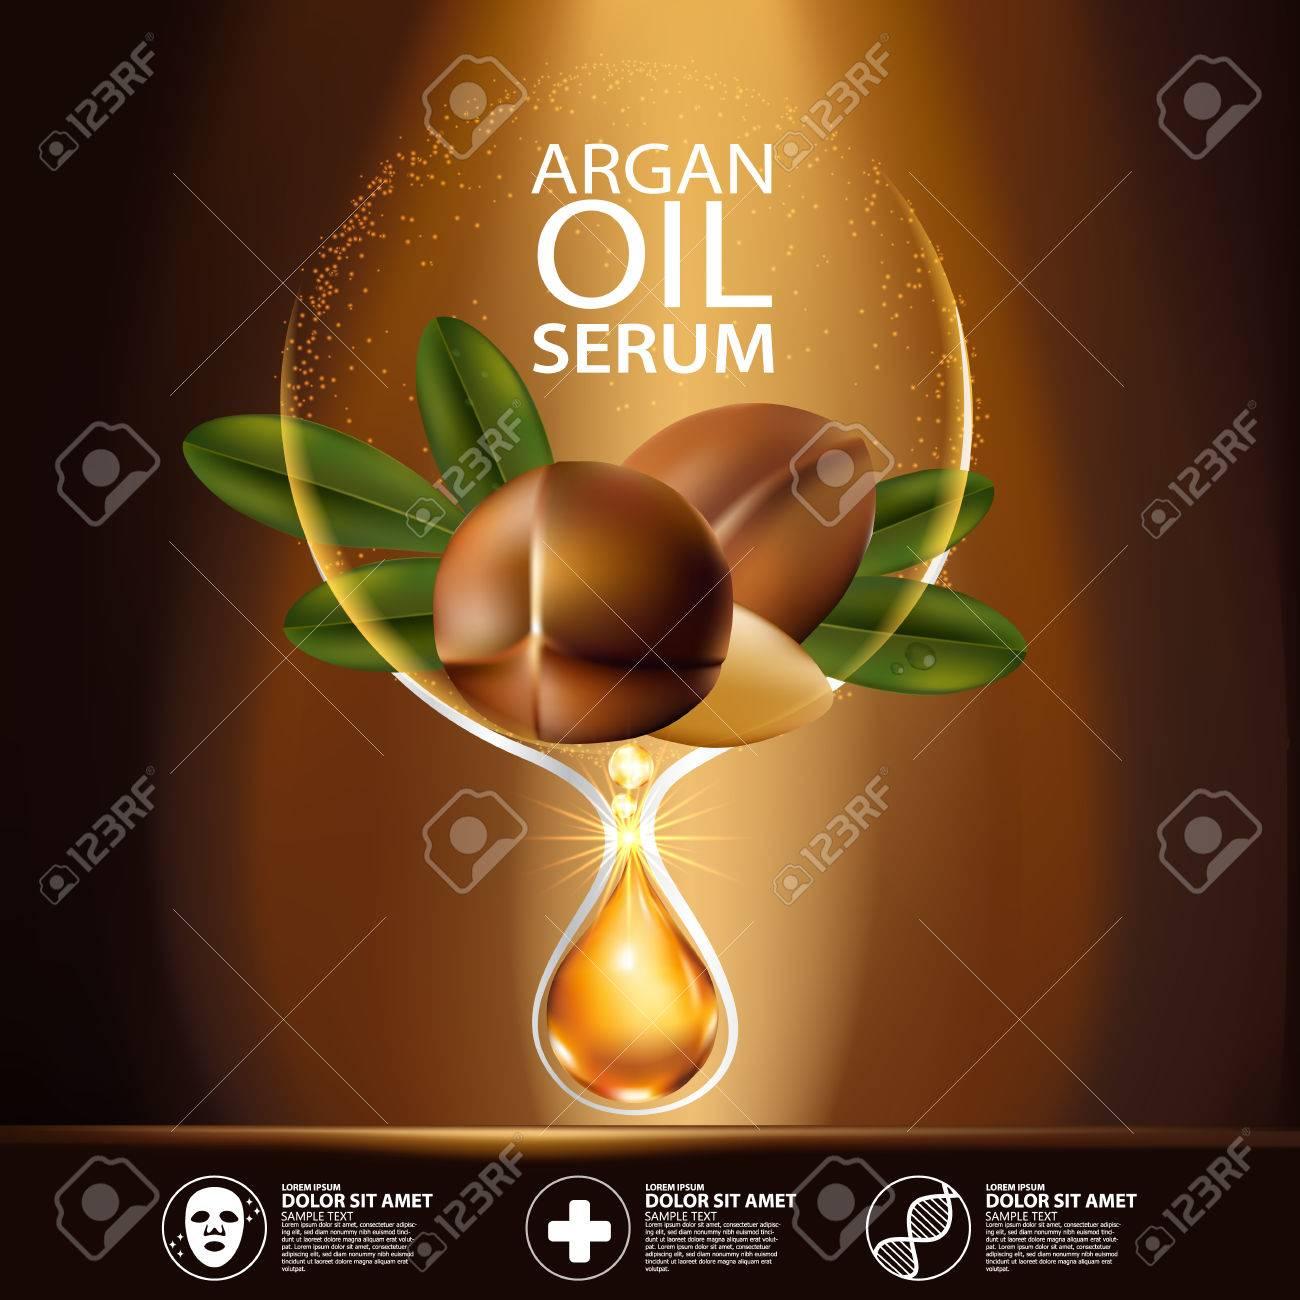 argan oil Serum Skin Care Cosmetic. - 66440466